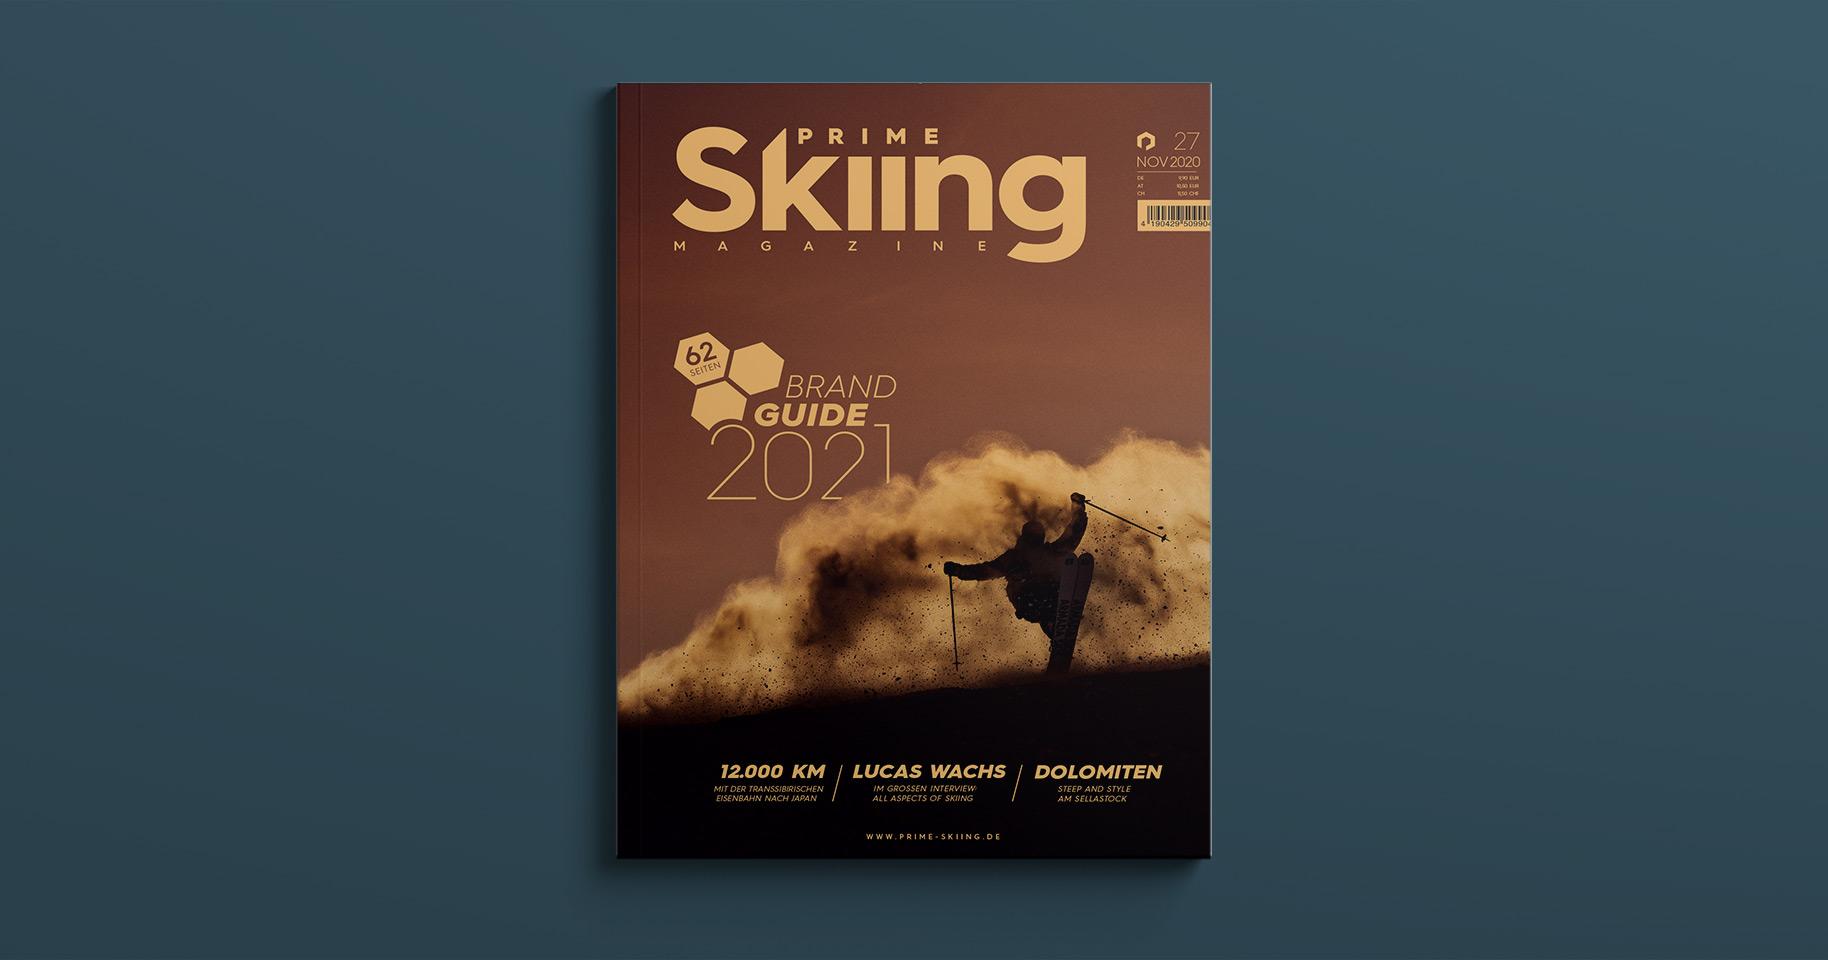 11 Geschenkideen für Skifahrer: PRIME Skiing Magazine Print Abo